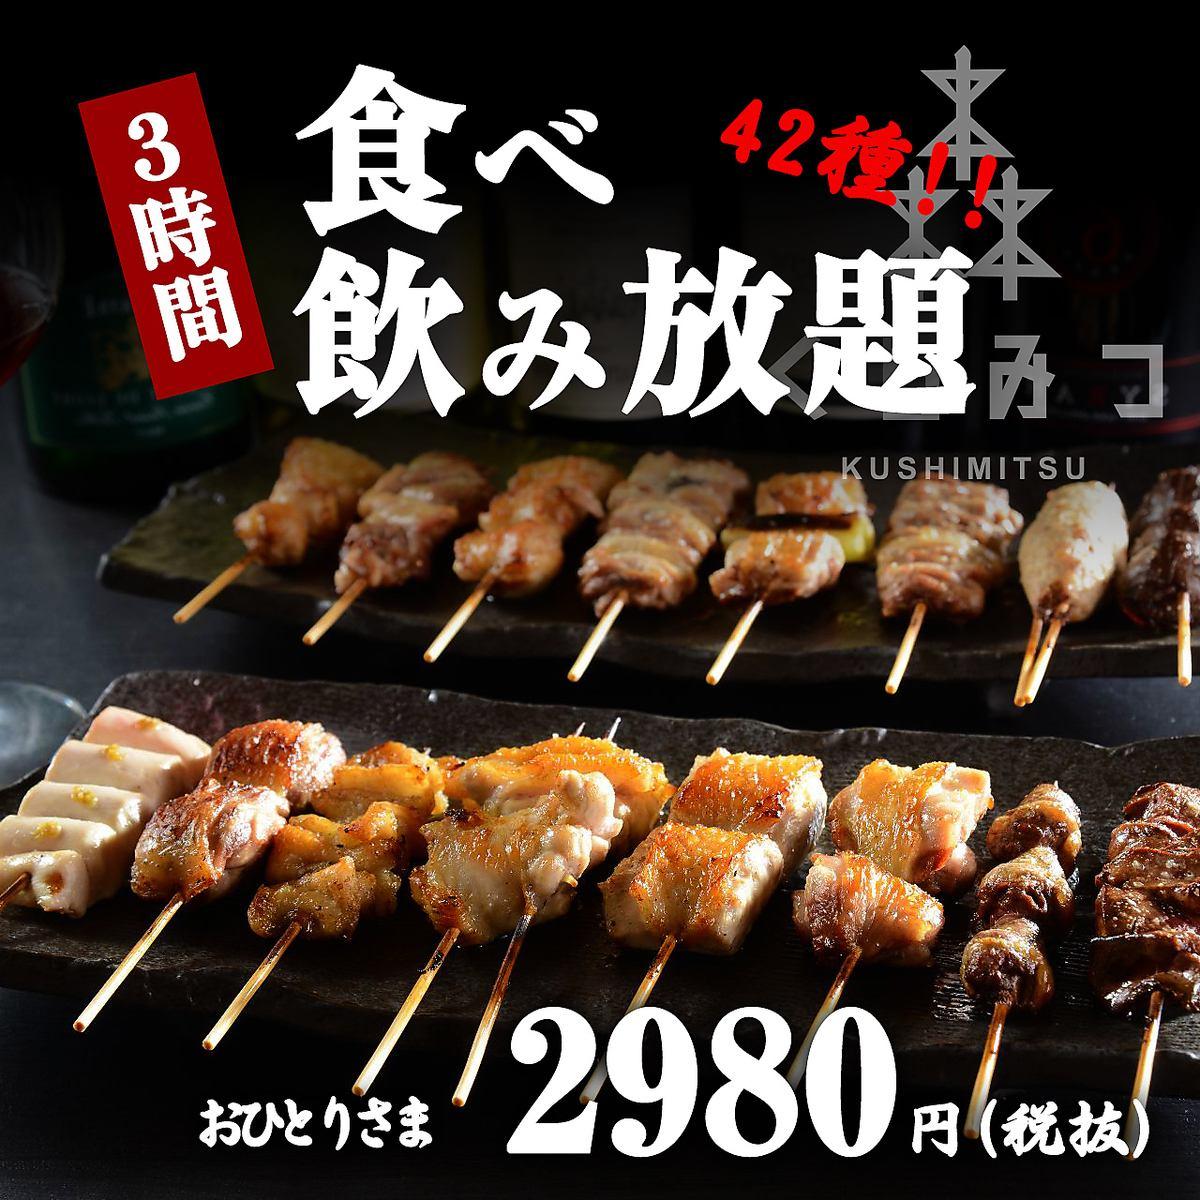 【大好評につき延長】 人気のメインが選べる3時間食べ飲み放題コースが全て2,980円!